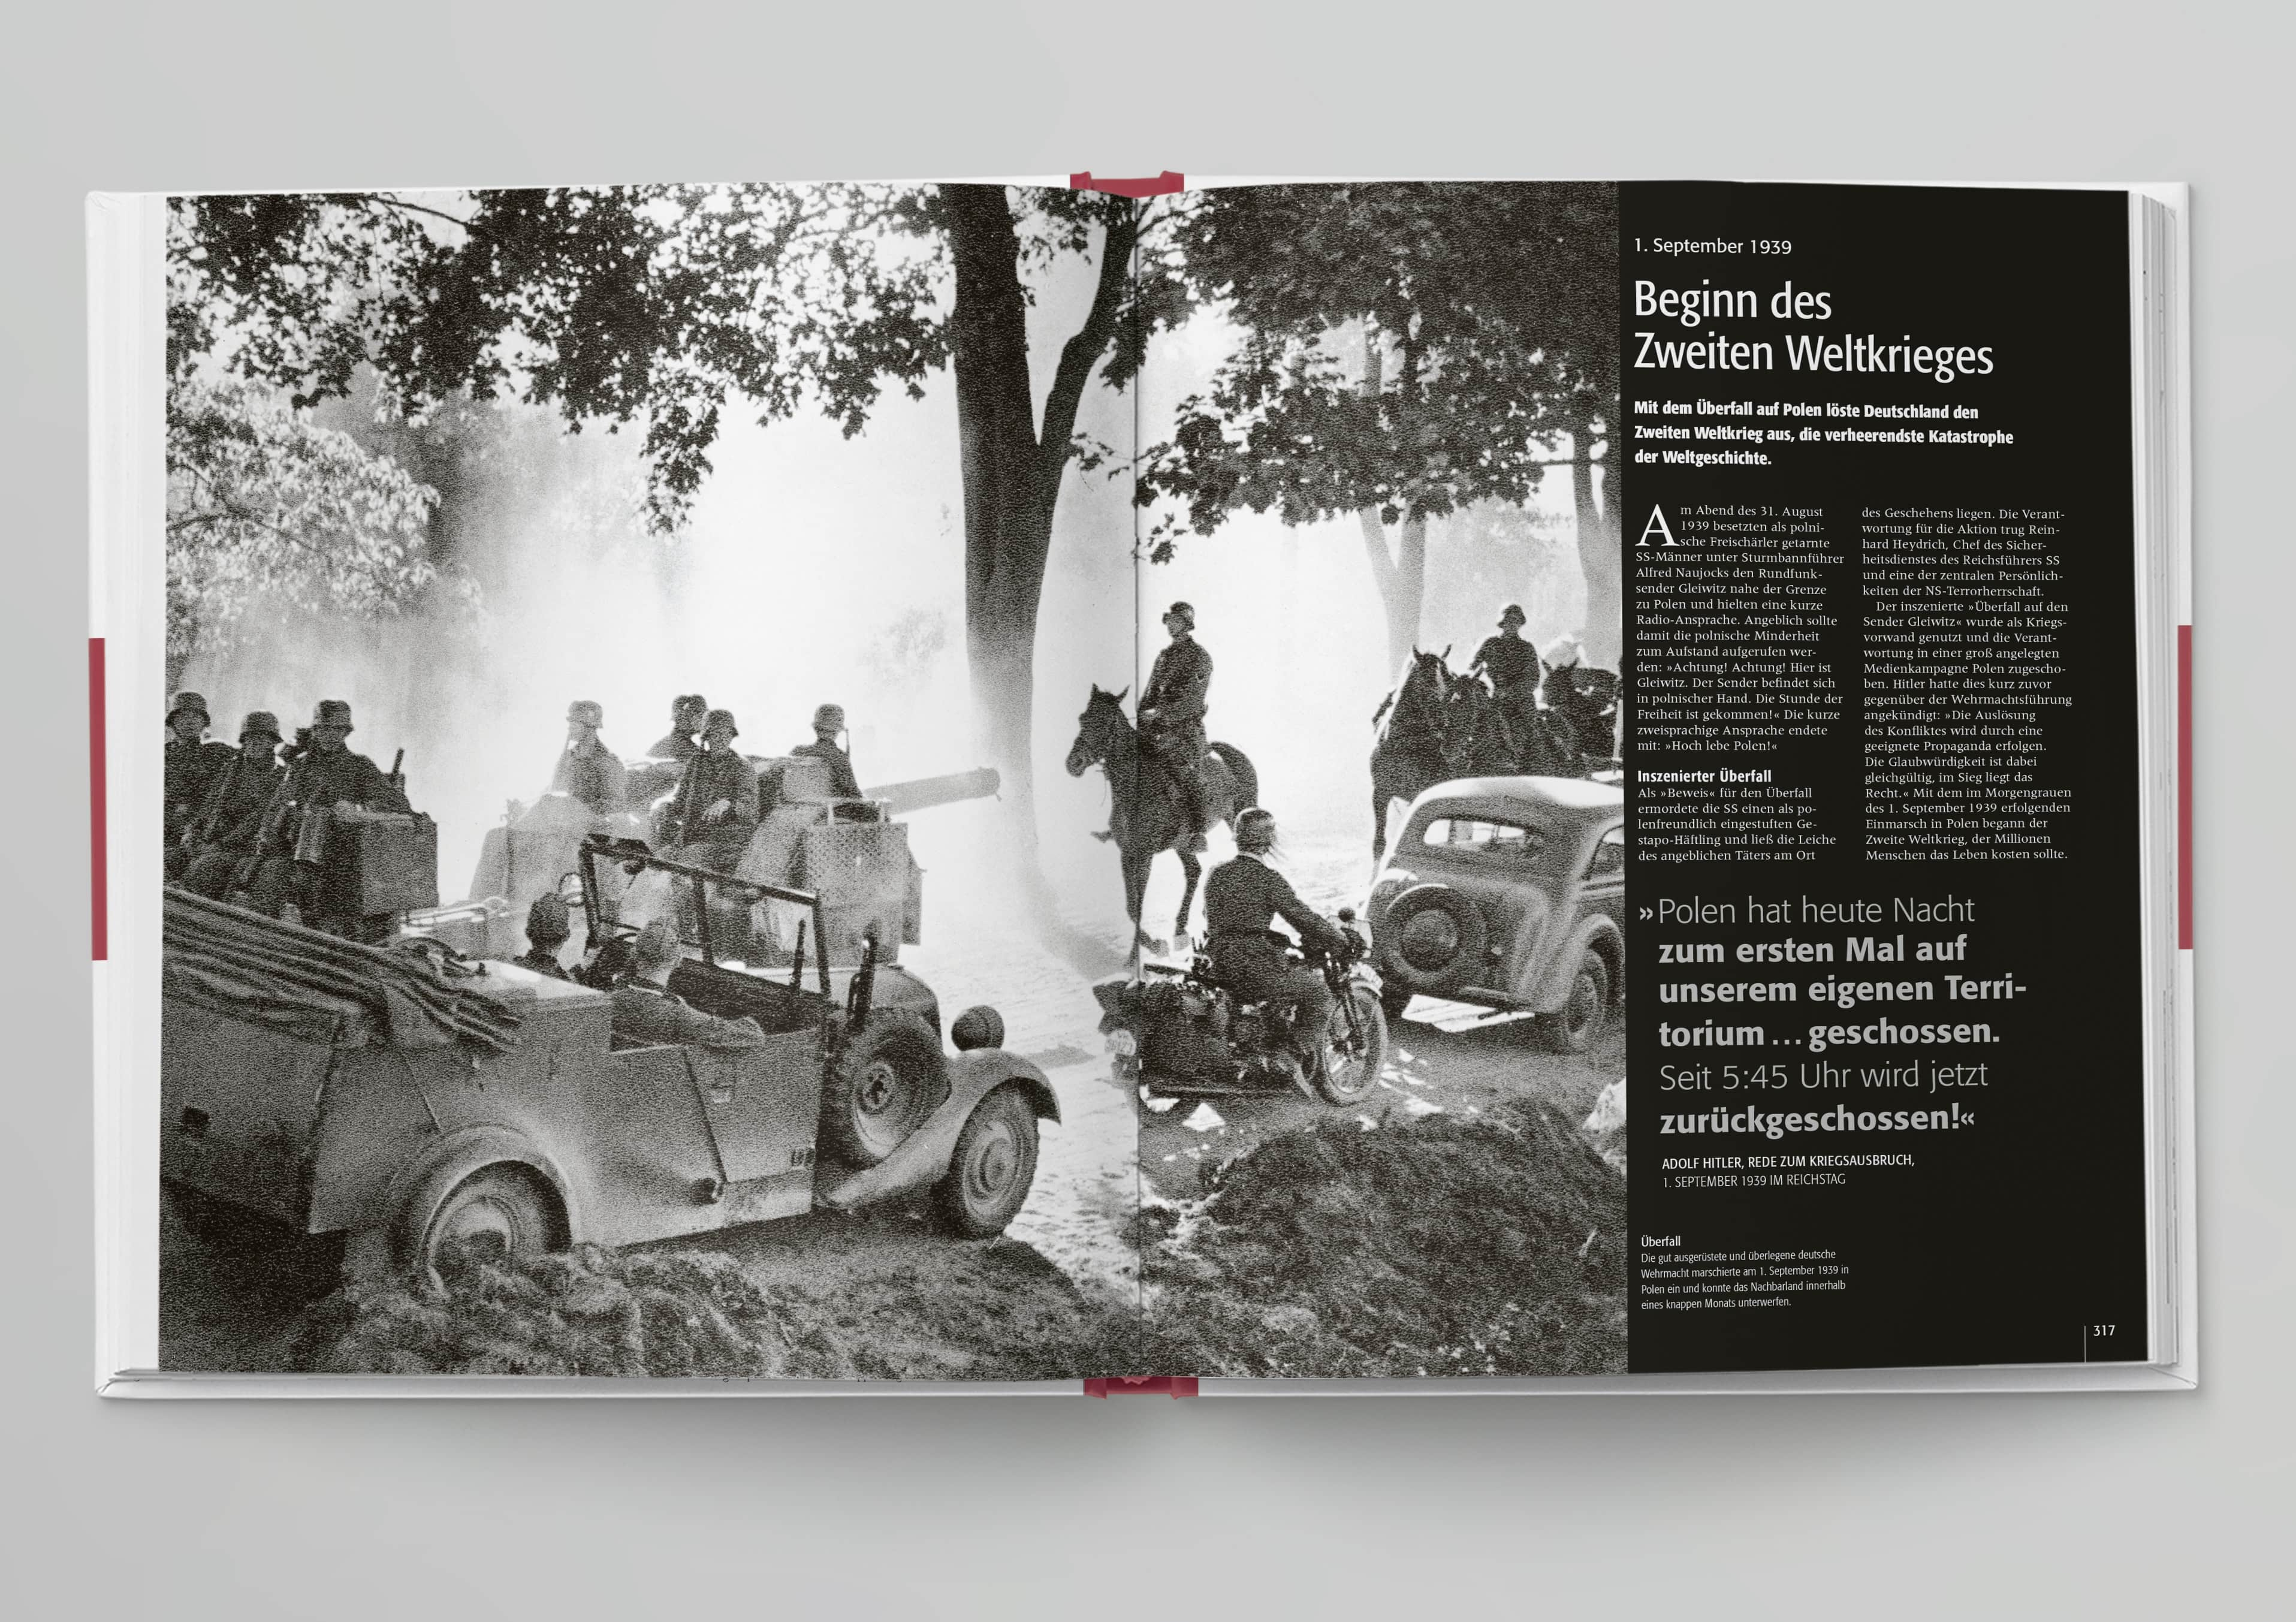 DK-DeutscheGeschichte-IN10